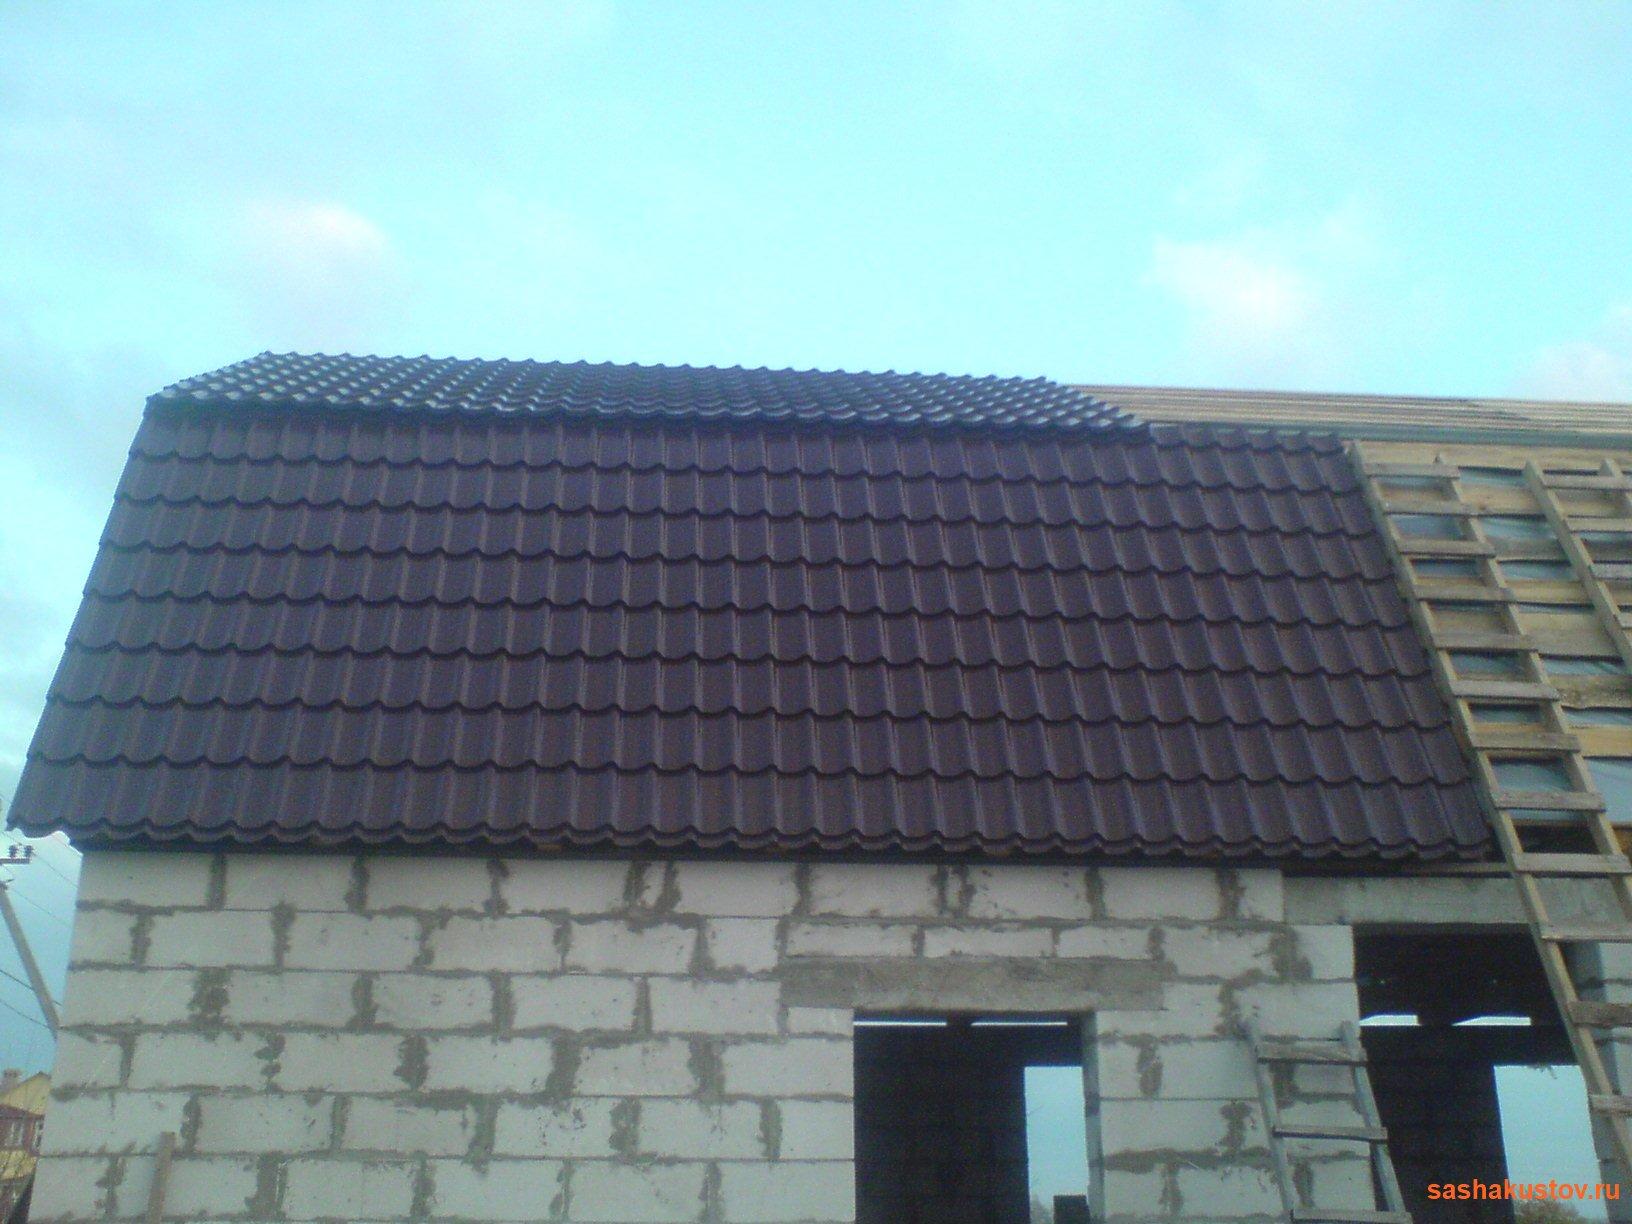 Как правильно покрасить крышу дома своими руками: красим 22